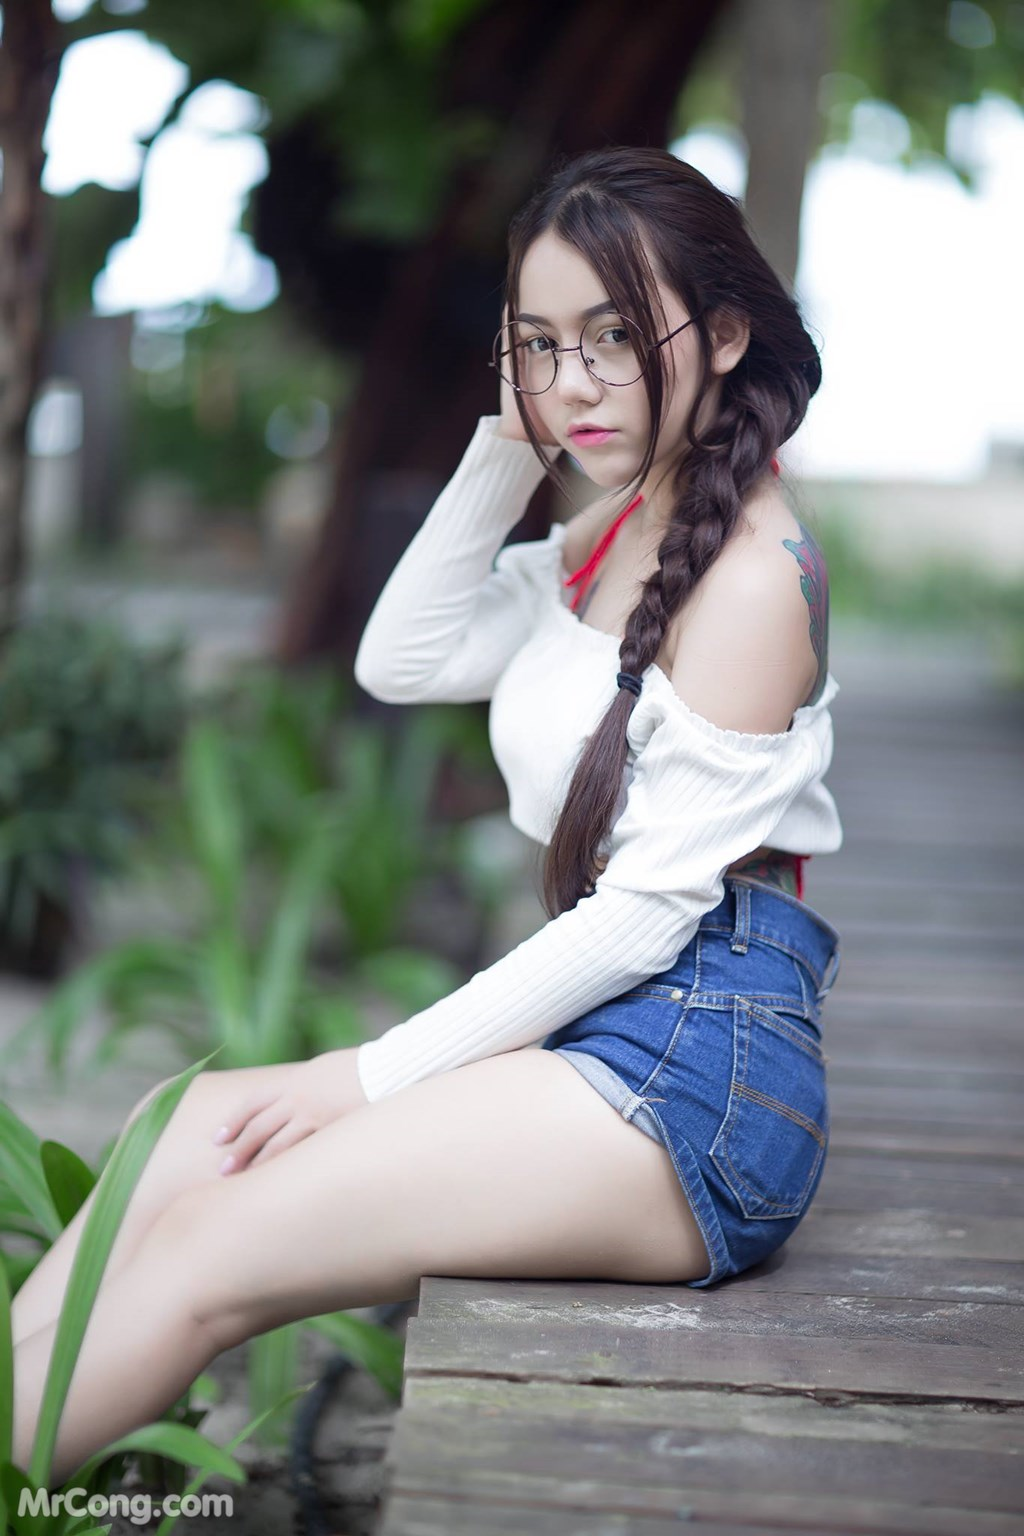 Image Thai-Model-Natalee-Achiel-Steppe-MrCong.com-006 in post Bộ ảnh ngoài trời rất dễ thương của người đẹp Natalee Achiel Steppe (24 ảnh)